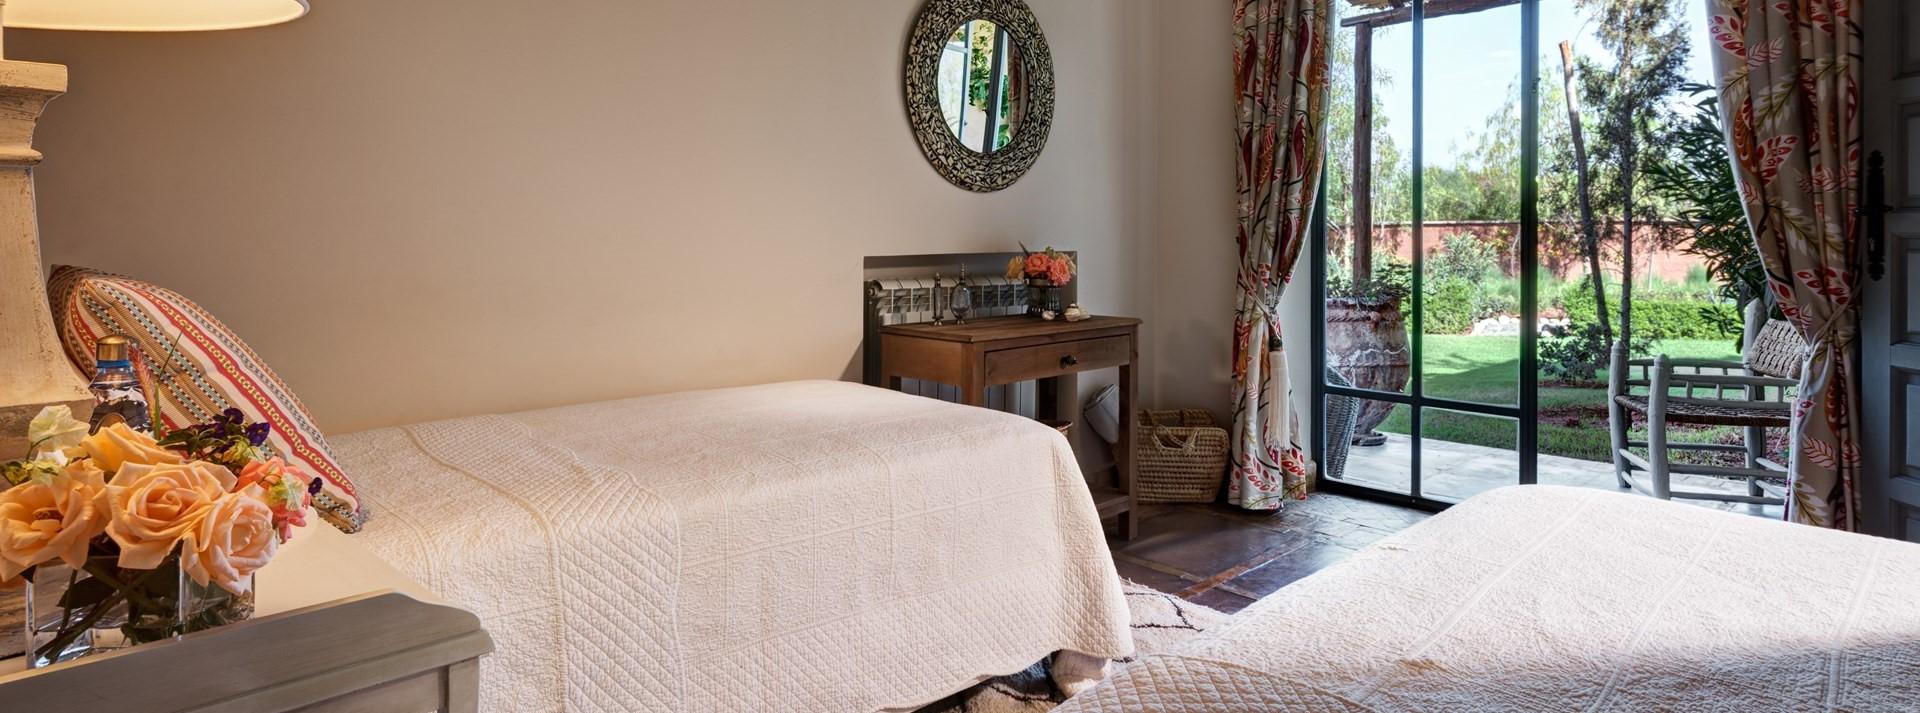 dar-yasmina-twin-bedroom-2